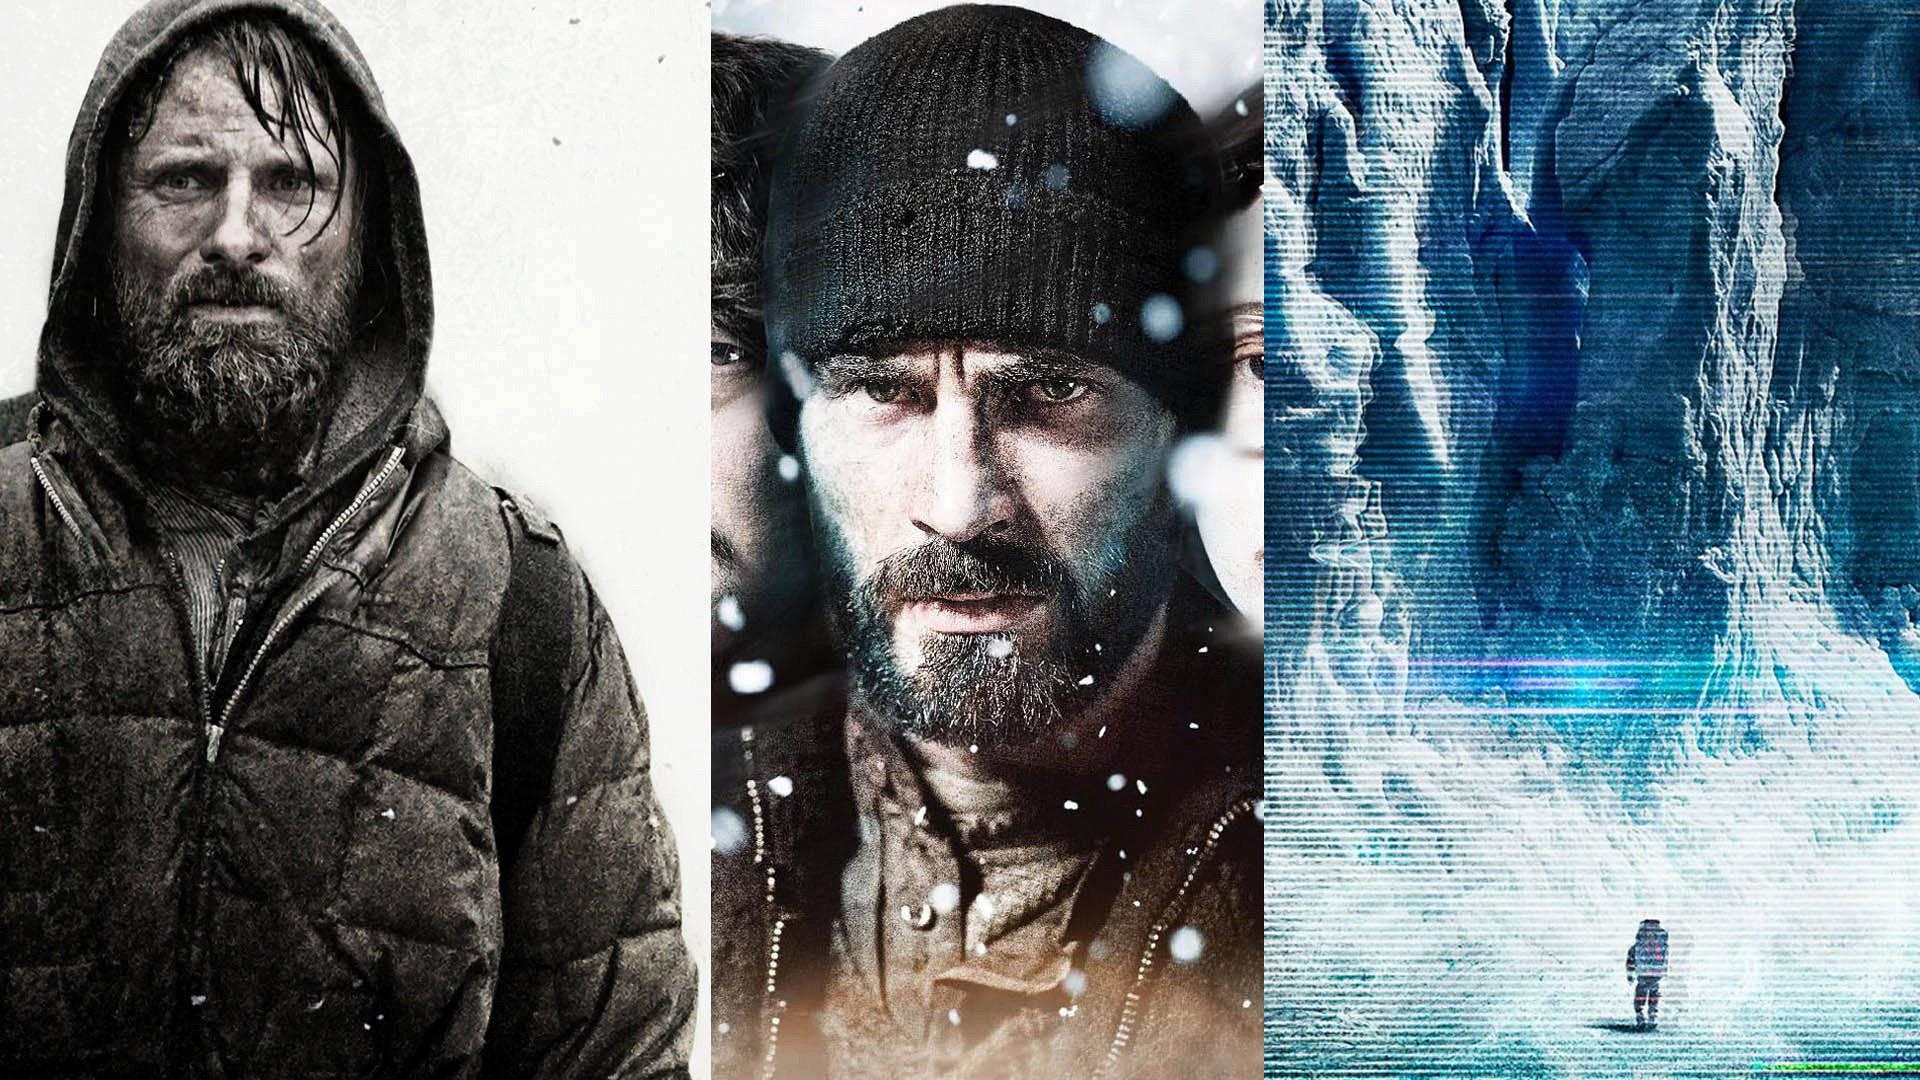 Deset vrhunskih sci-fi filmova koji su vam nekako promakli